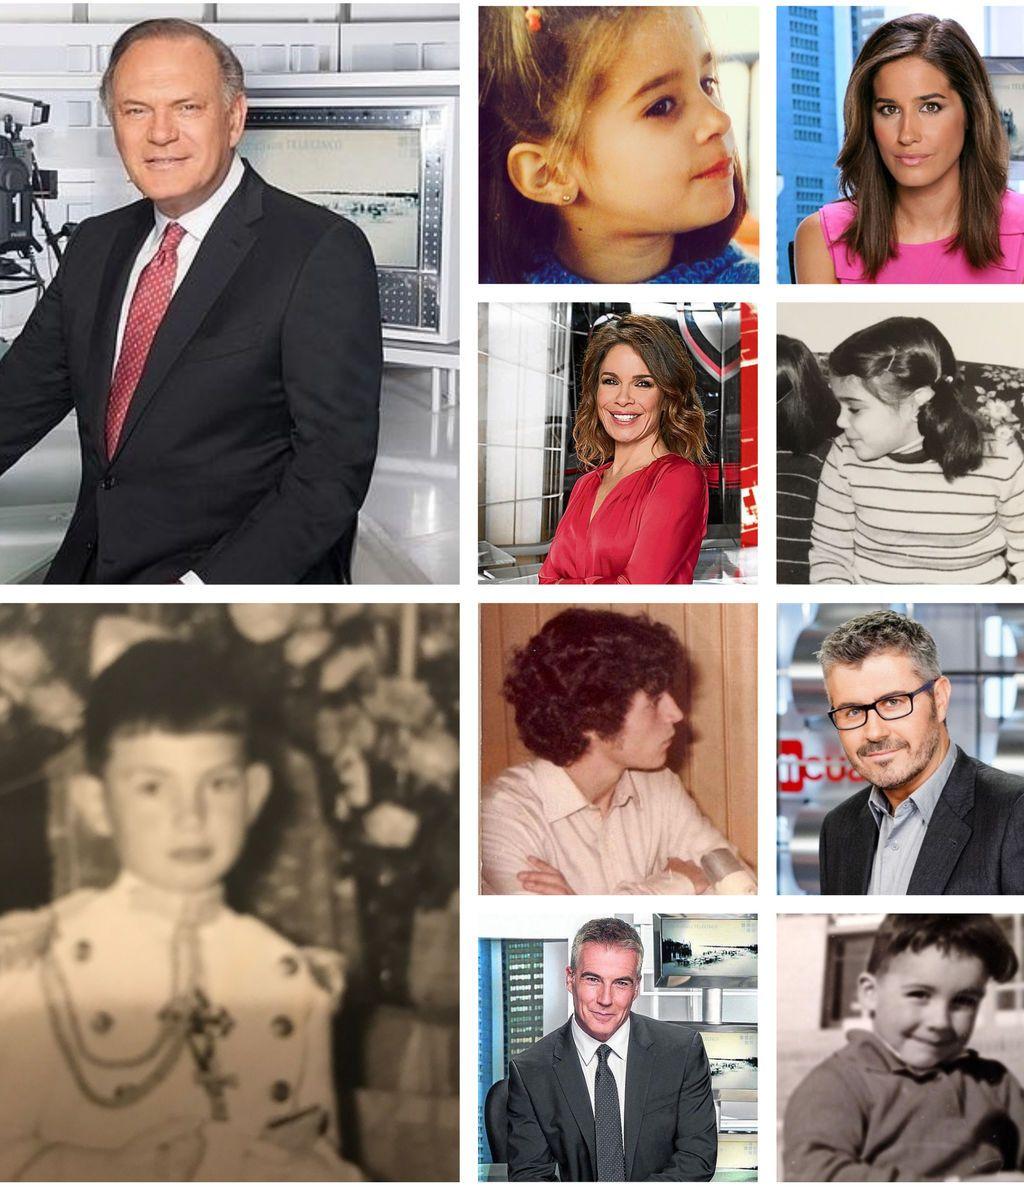 Los presentadores de informativos recuerdan a sus profes favoritos en el #DíaDelMaestro